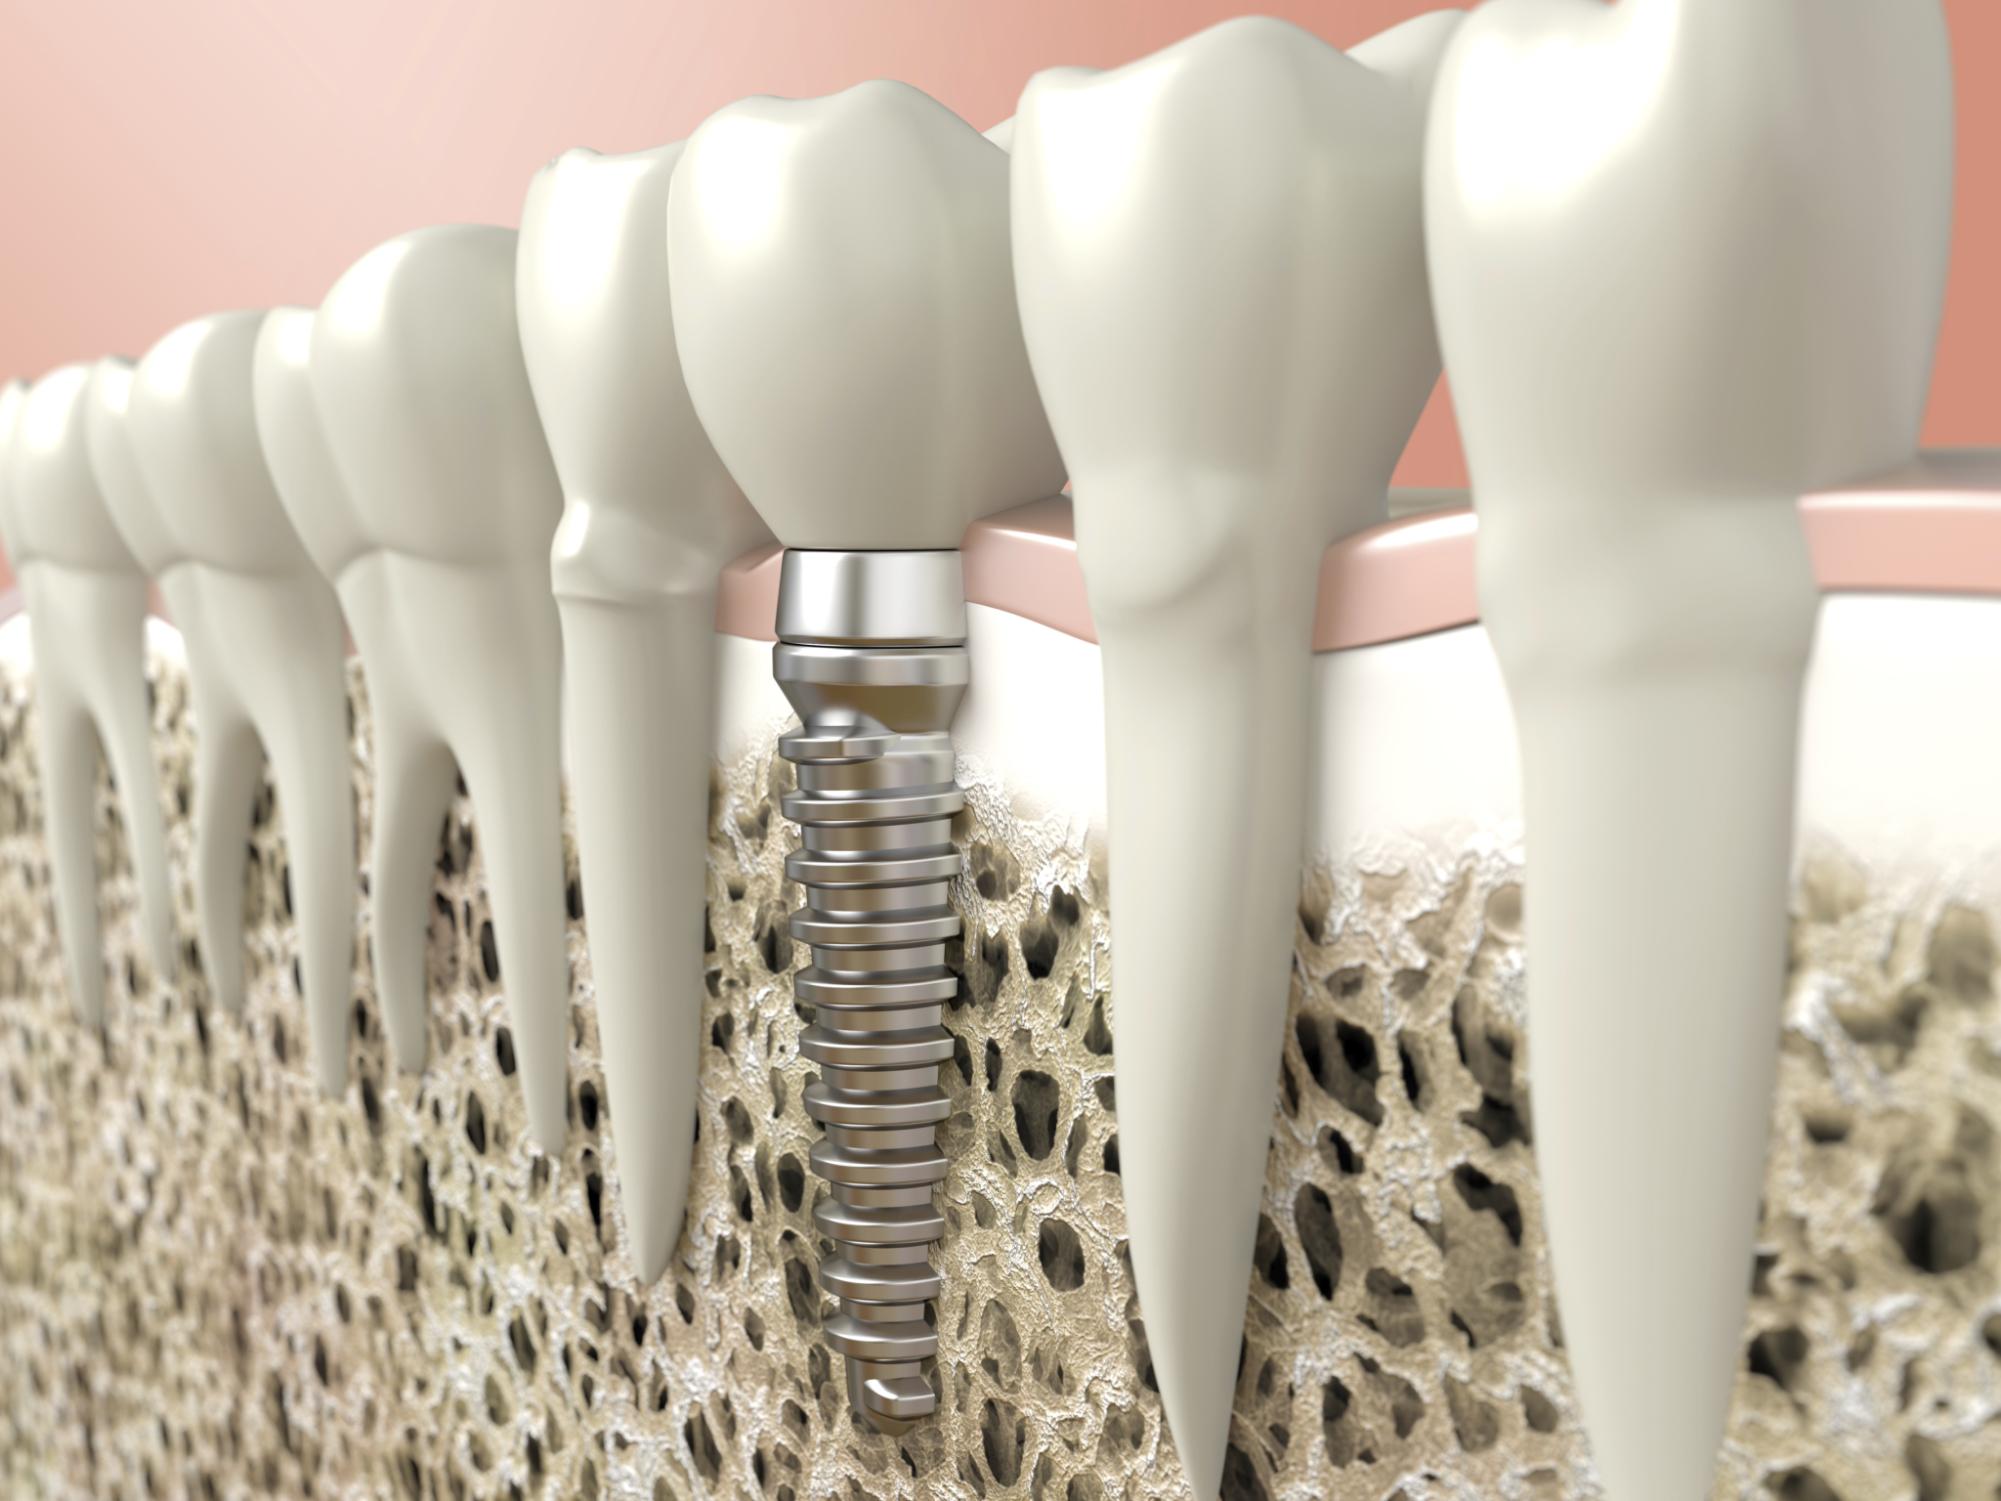 Implantes dentários. Simulação digital de um implante dentário unitário osseointegrado.